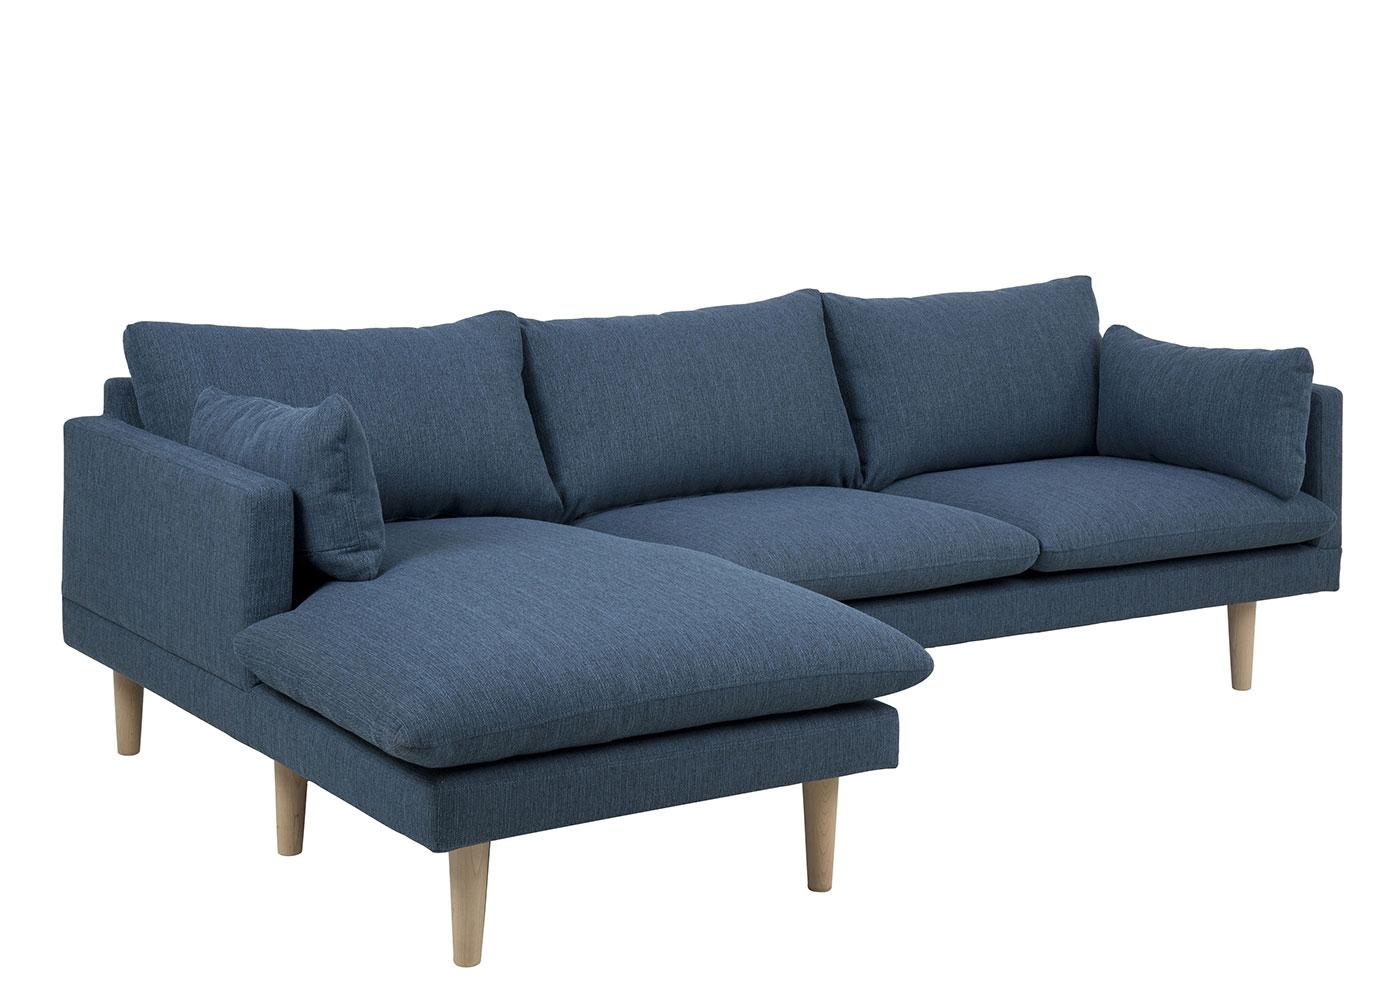 Pohovka rohová levá Surry, 242 cm, modrá